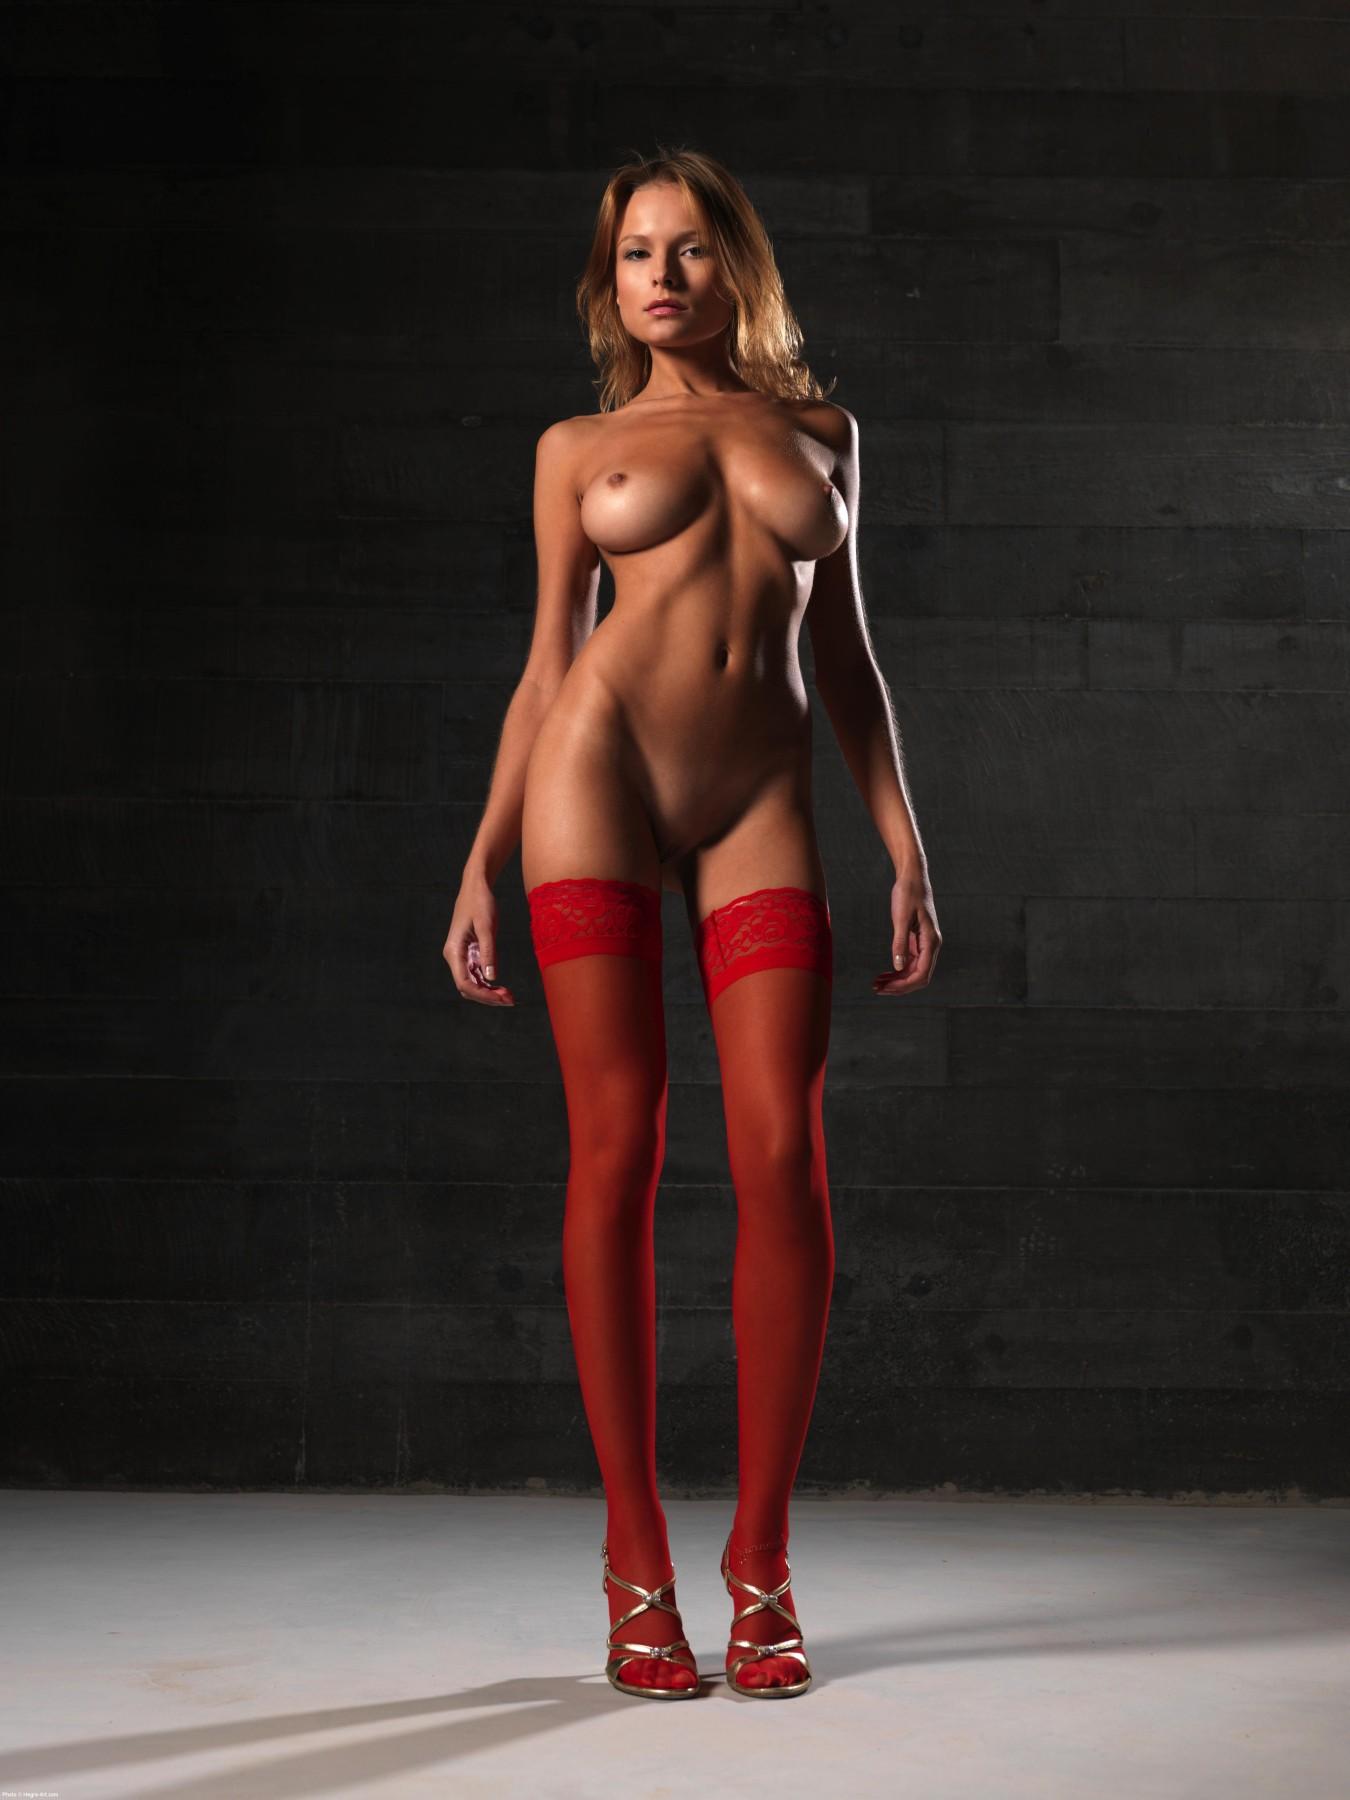 длинноногие девушки модели голые хосс деле гармония